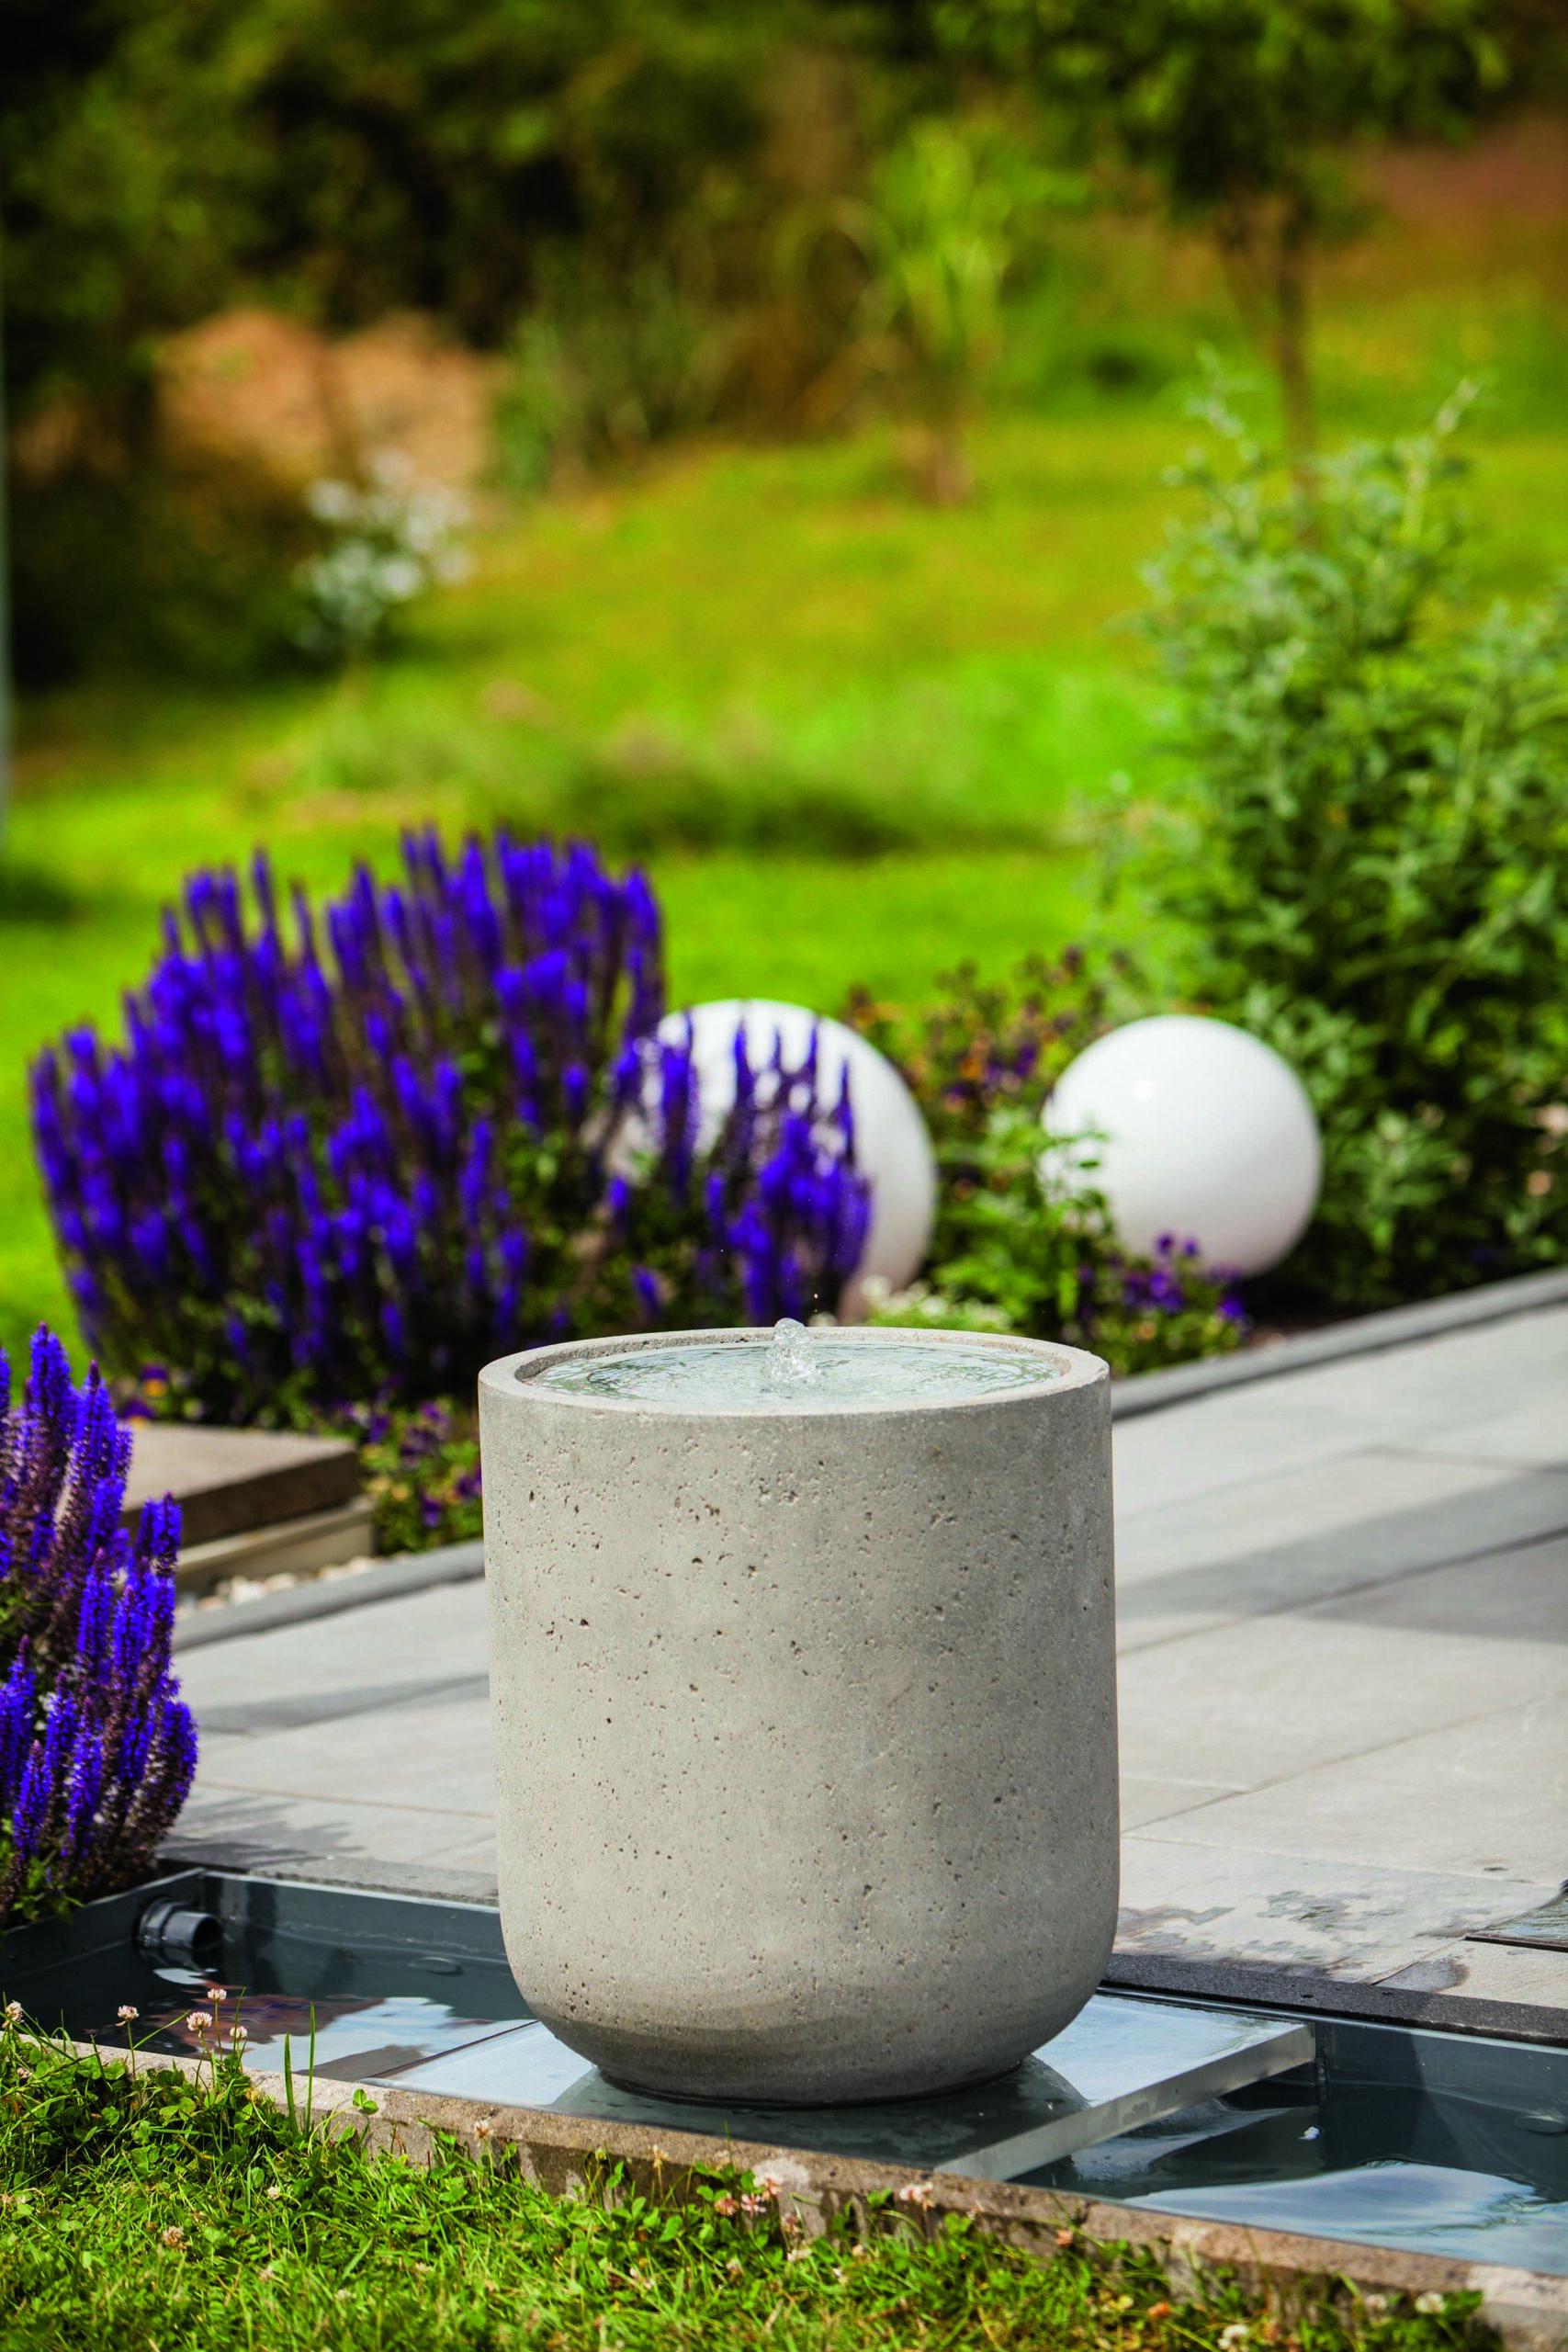 Full Size of Solar Springbrunnen Obi Brunnen Mobile Küche Immobilien Bad Homburg Regale Nobilia Fenster Einbauküche Immobilienmakler Baden Wohnzimmer Solar Springbrunnen Obi